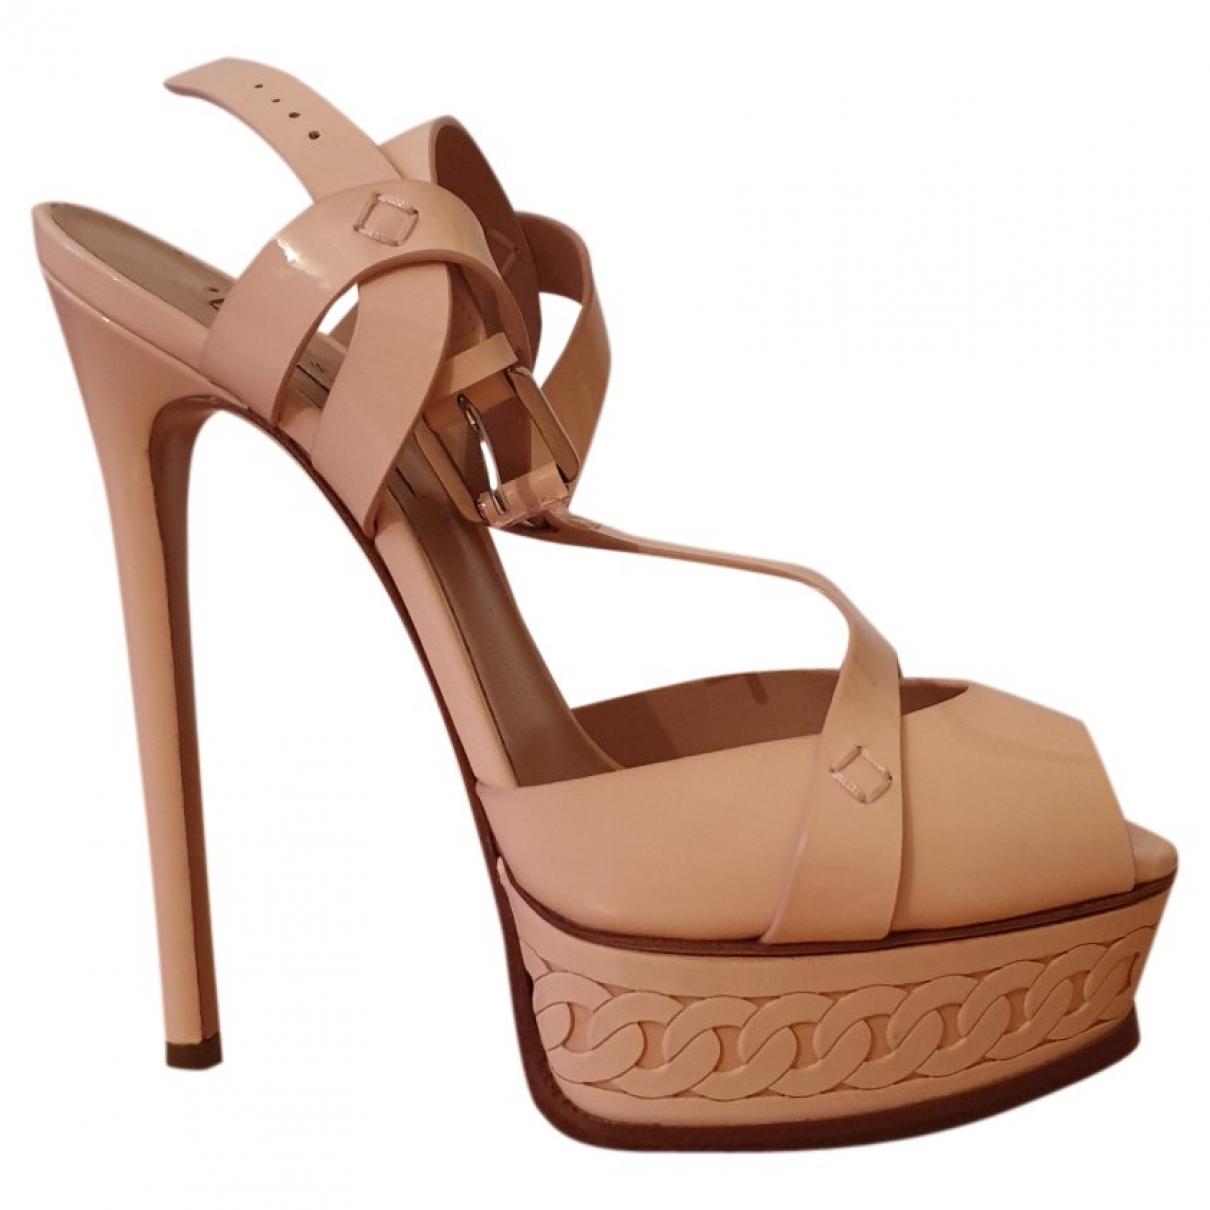 Sandalias de Charol Casadei